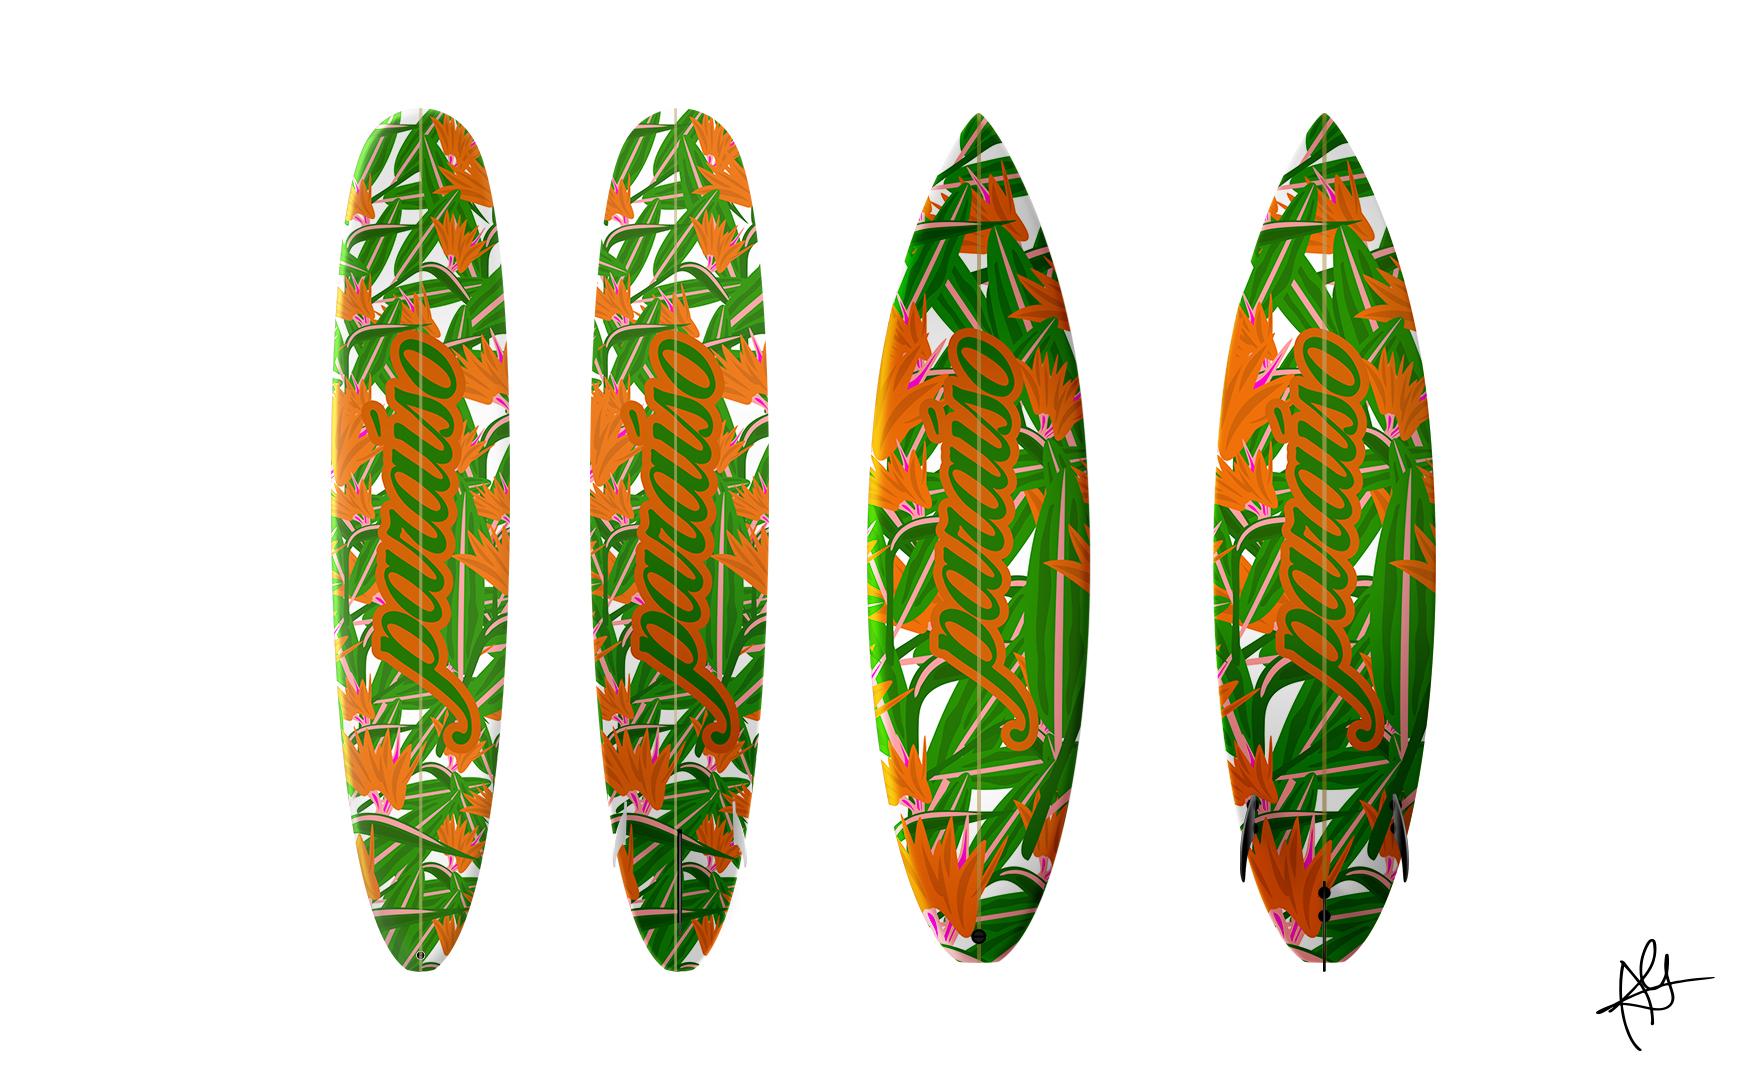 PARAÍSO SKATE/SURF CO. SURFBOARD MOCKUPS